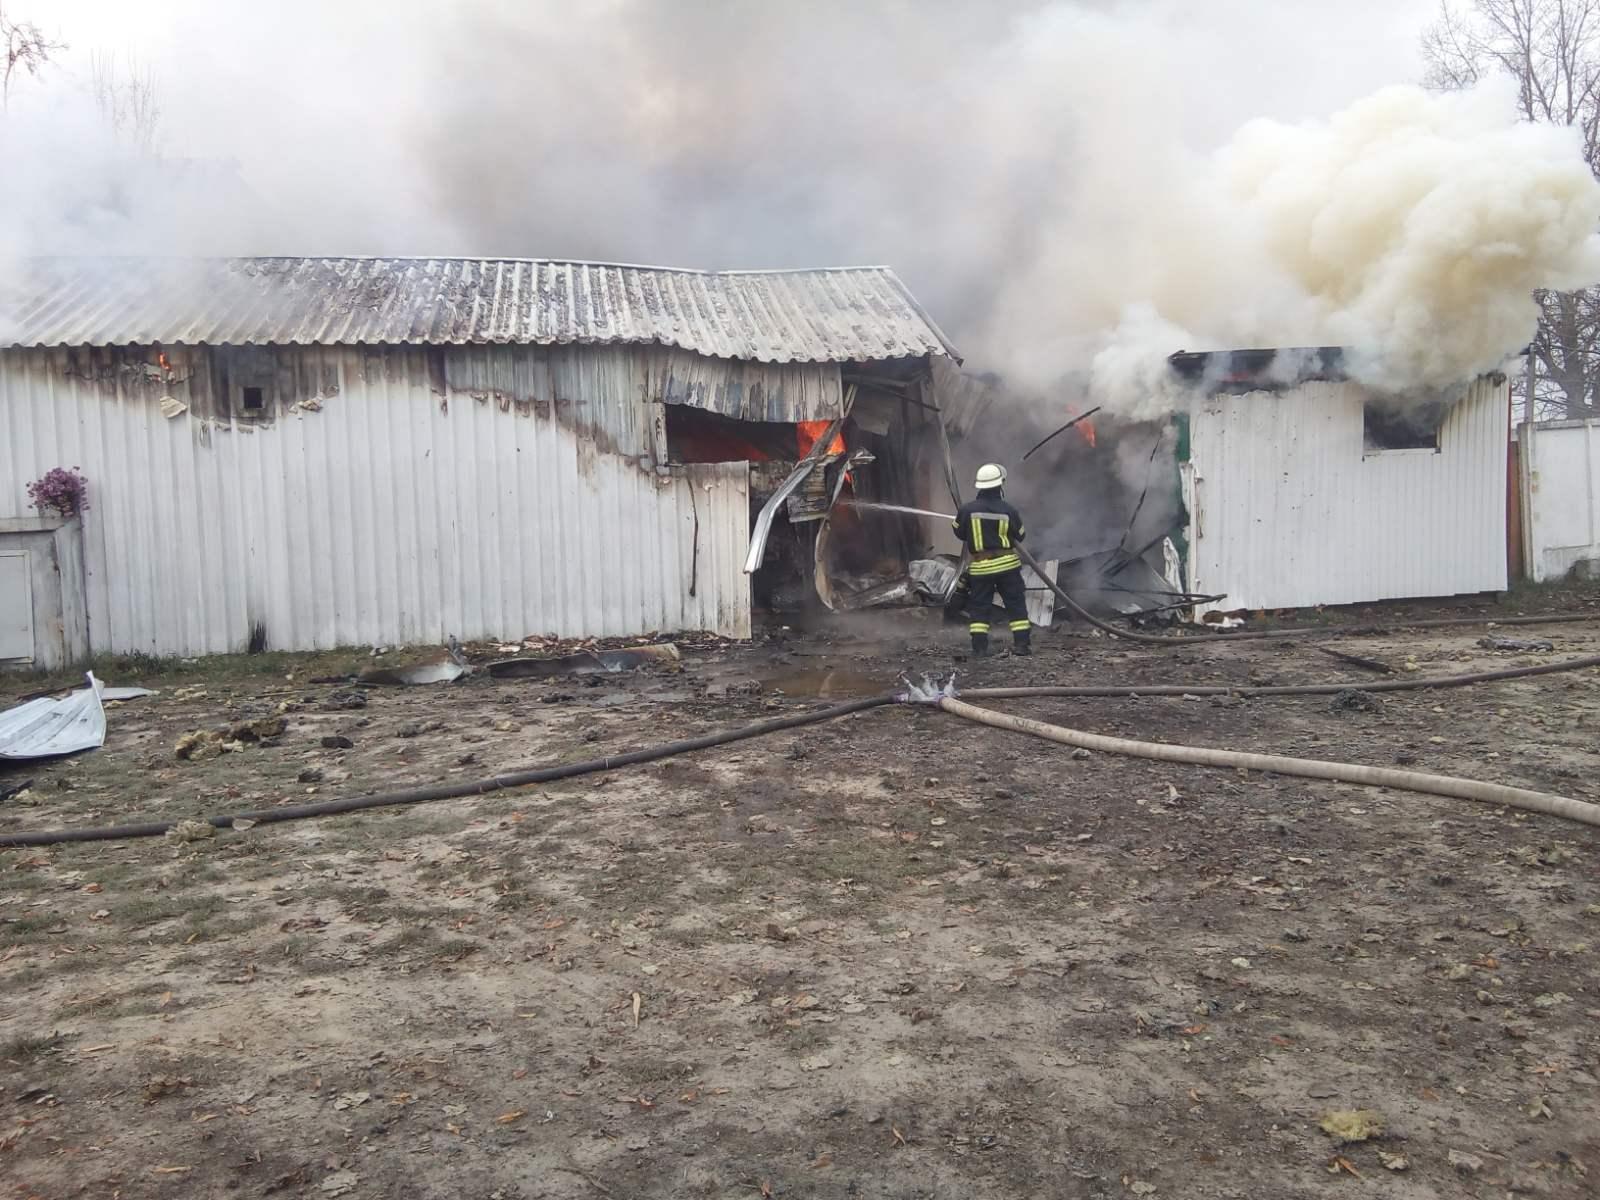 Novosil-travmy-2 Жінка отримала травми на пожежі в Новосілках: у Києво-Святошинському районі згоріли 3 споруди біля складу